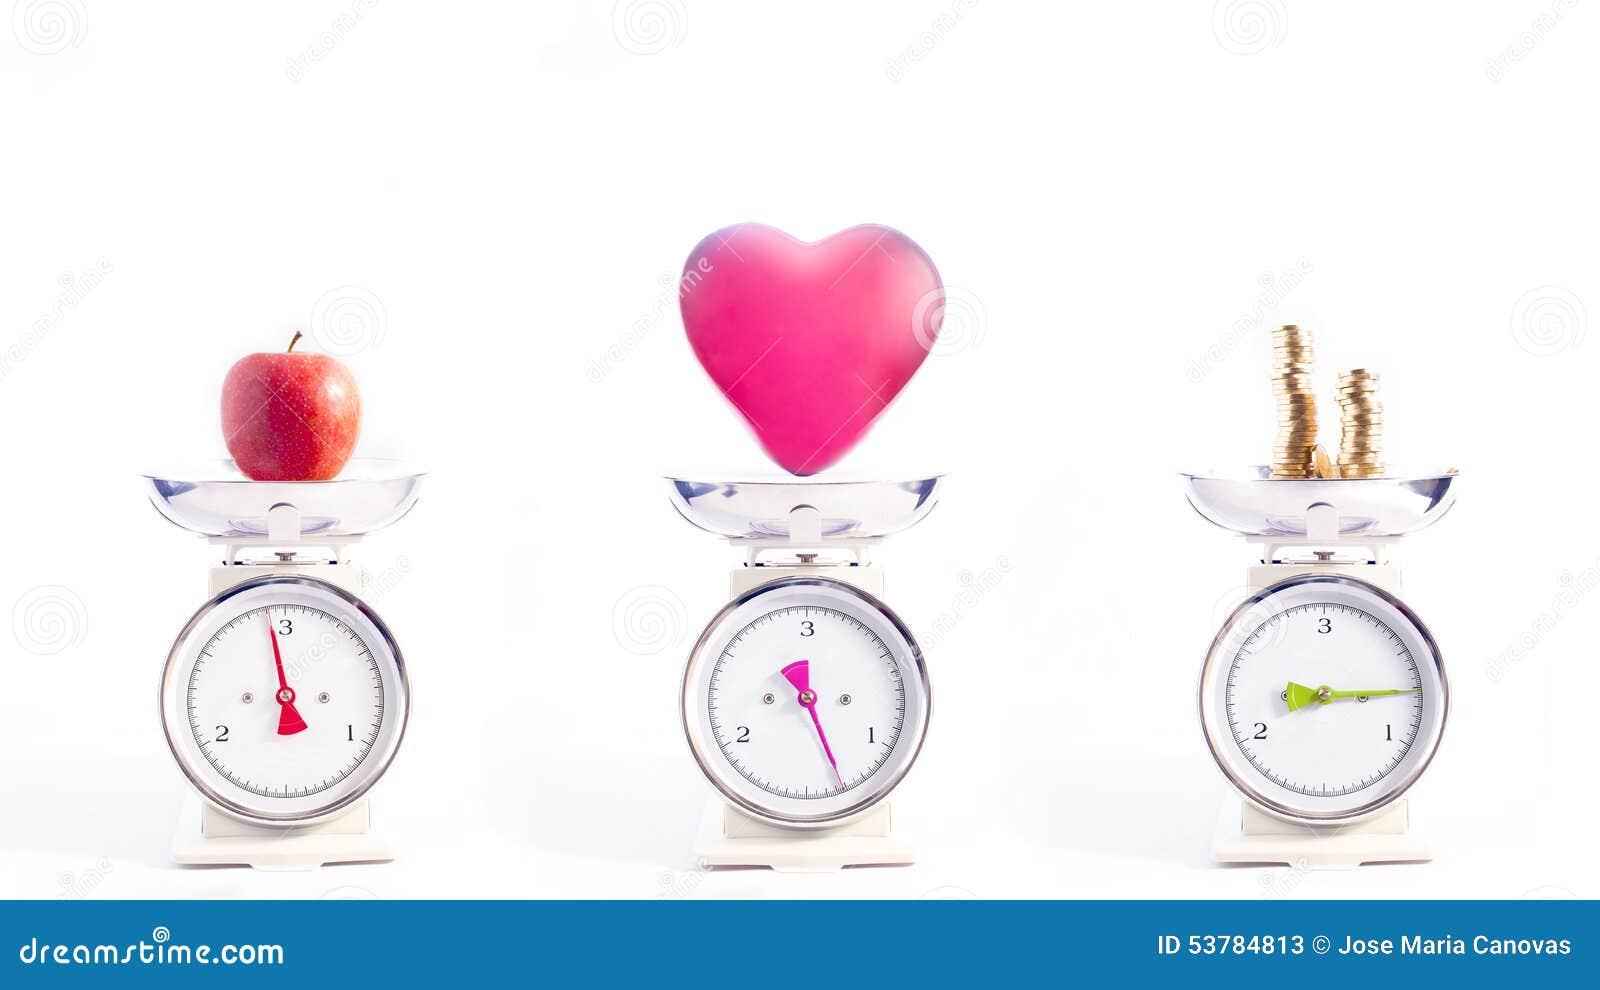 Najwięcej ważnych rzeczy w życiu: zdrowie, miłość i pieniądze,